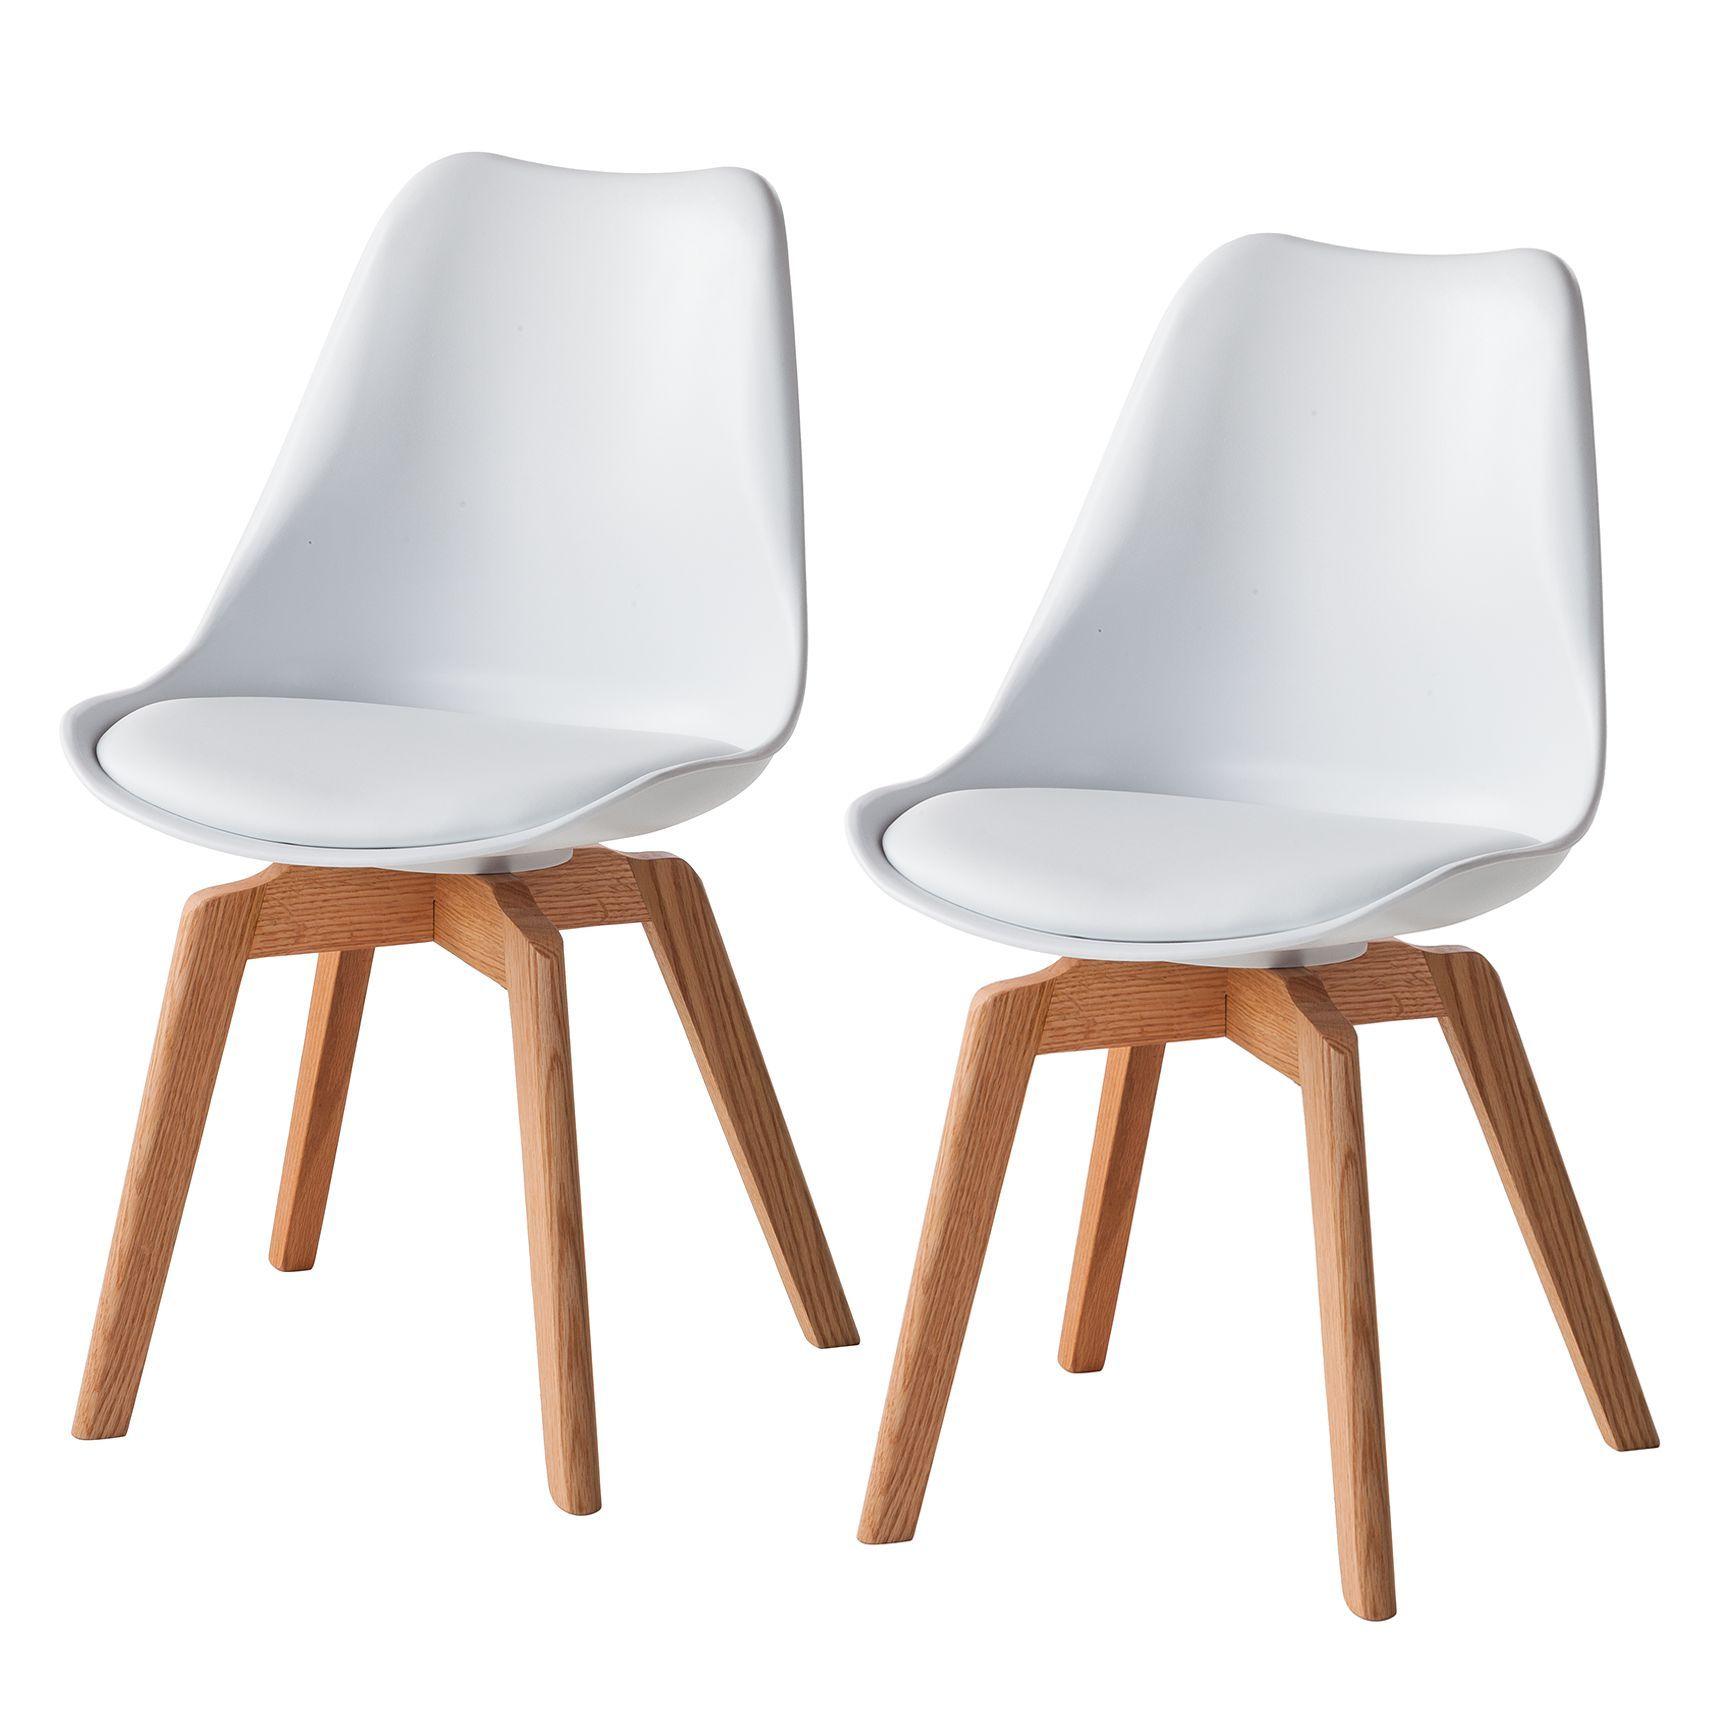 Brilliant Esszimmerstühle Buche Massiv Referenz Von Esszimmerstuhl Woodwynn (2er-set) - Kunststoff / -